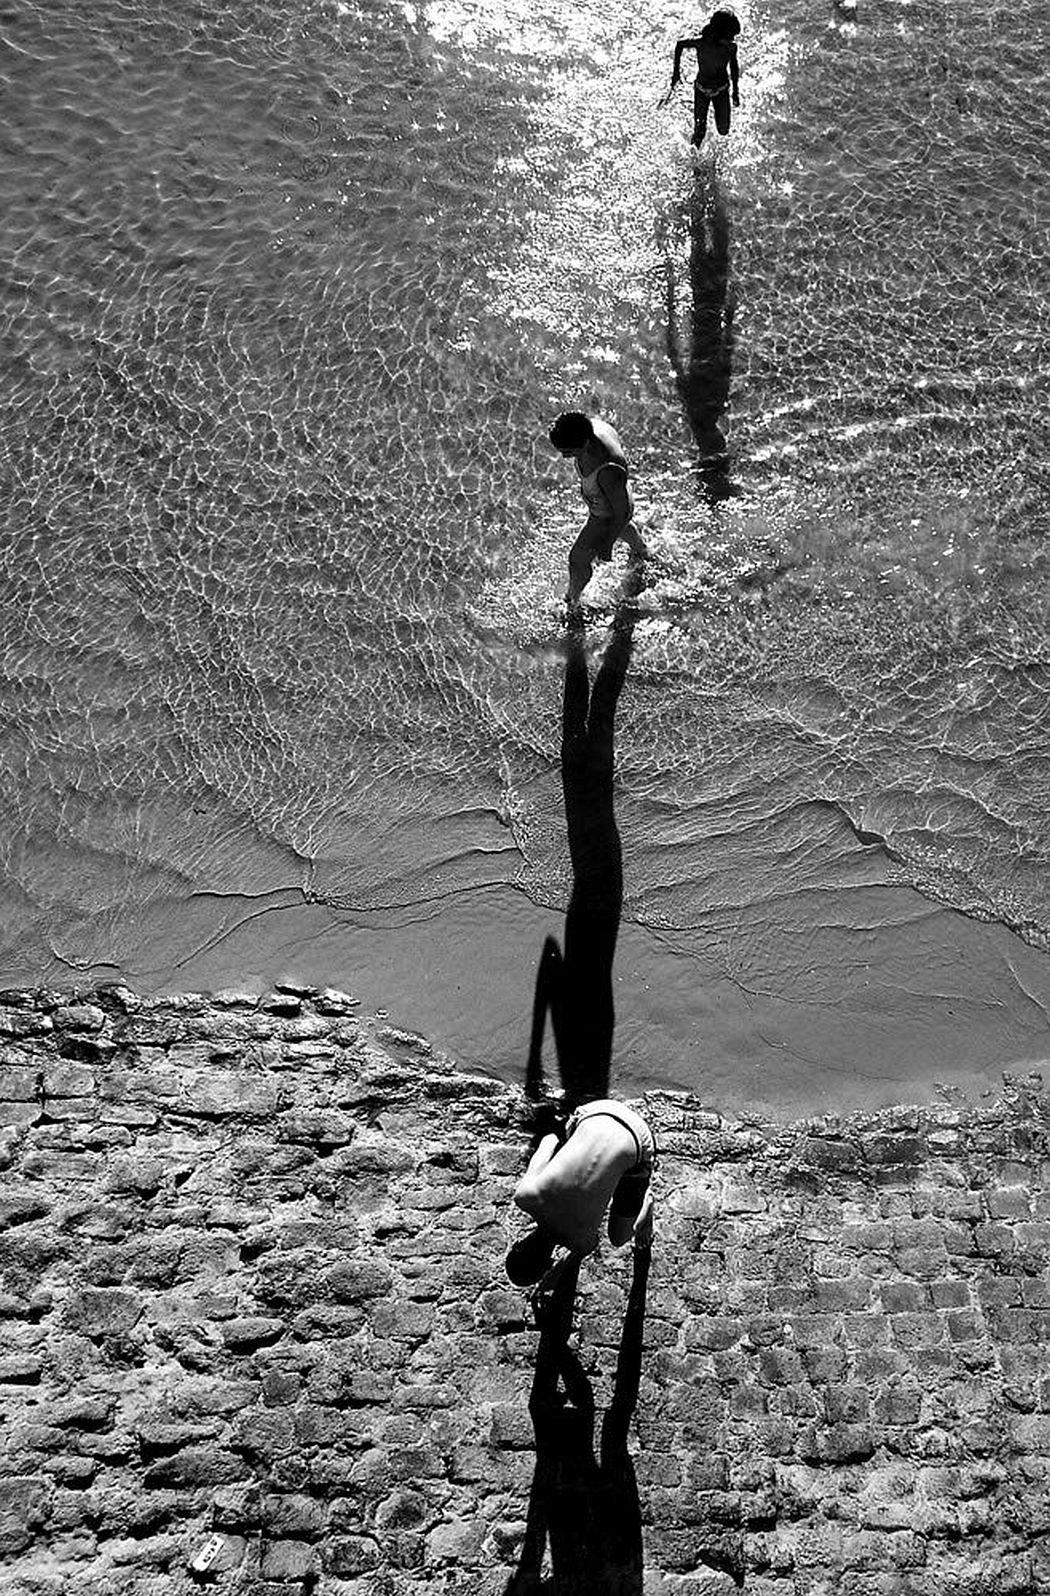 © Ken Van Sickle: Photography